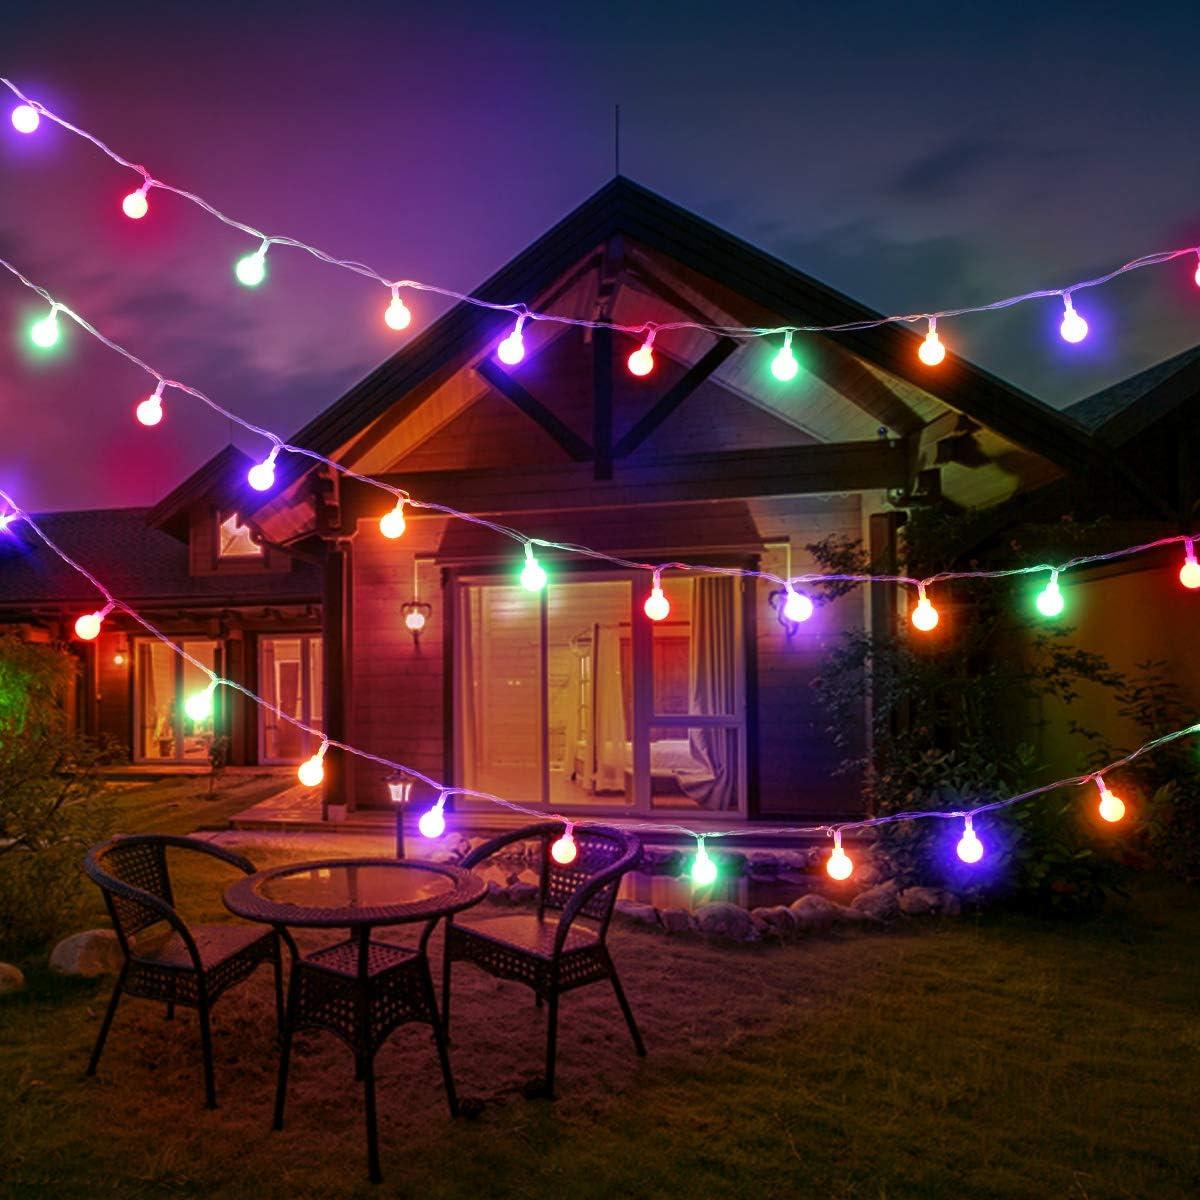 10M 100LED Electric Festoon Bulb Ball Lamp String Lights Garden Outdoor Decor UK